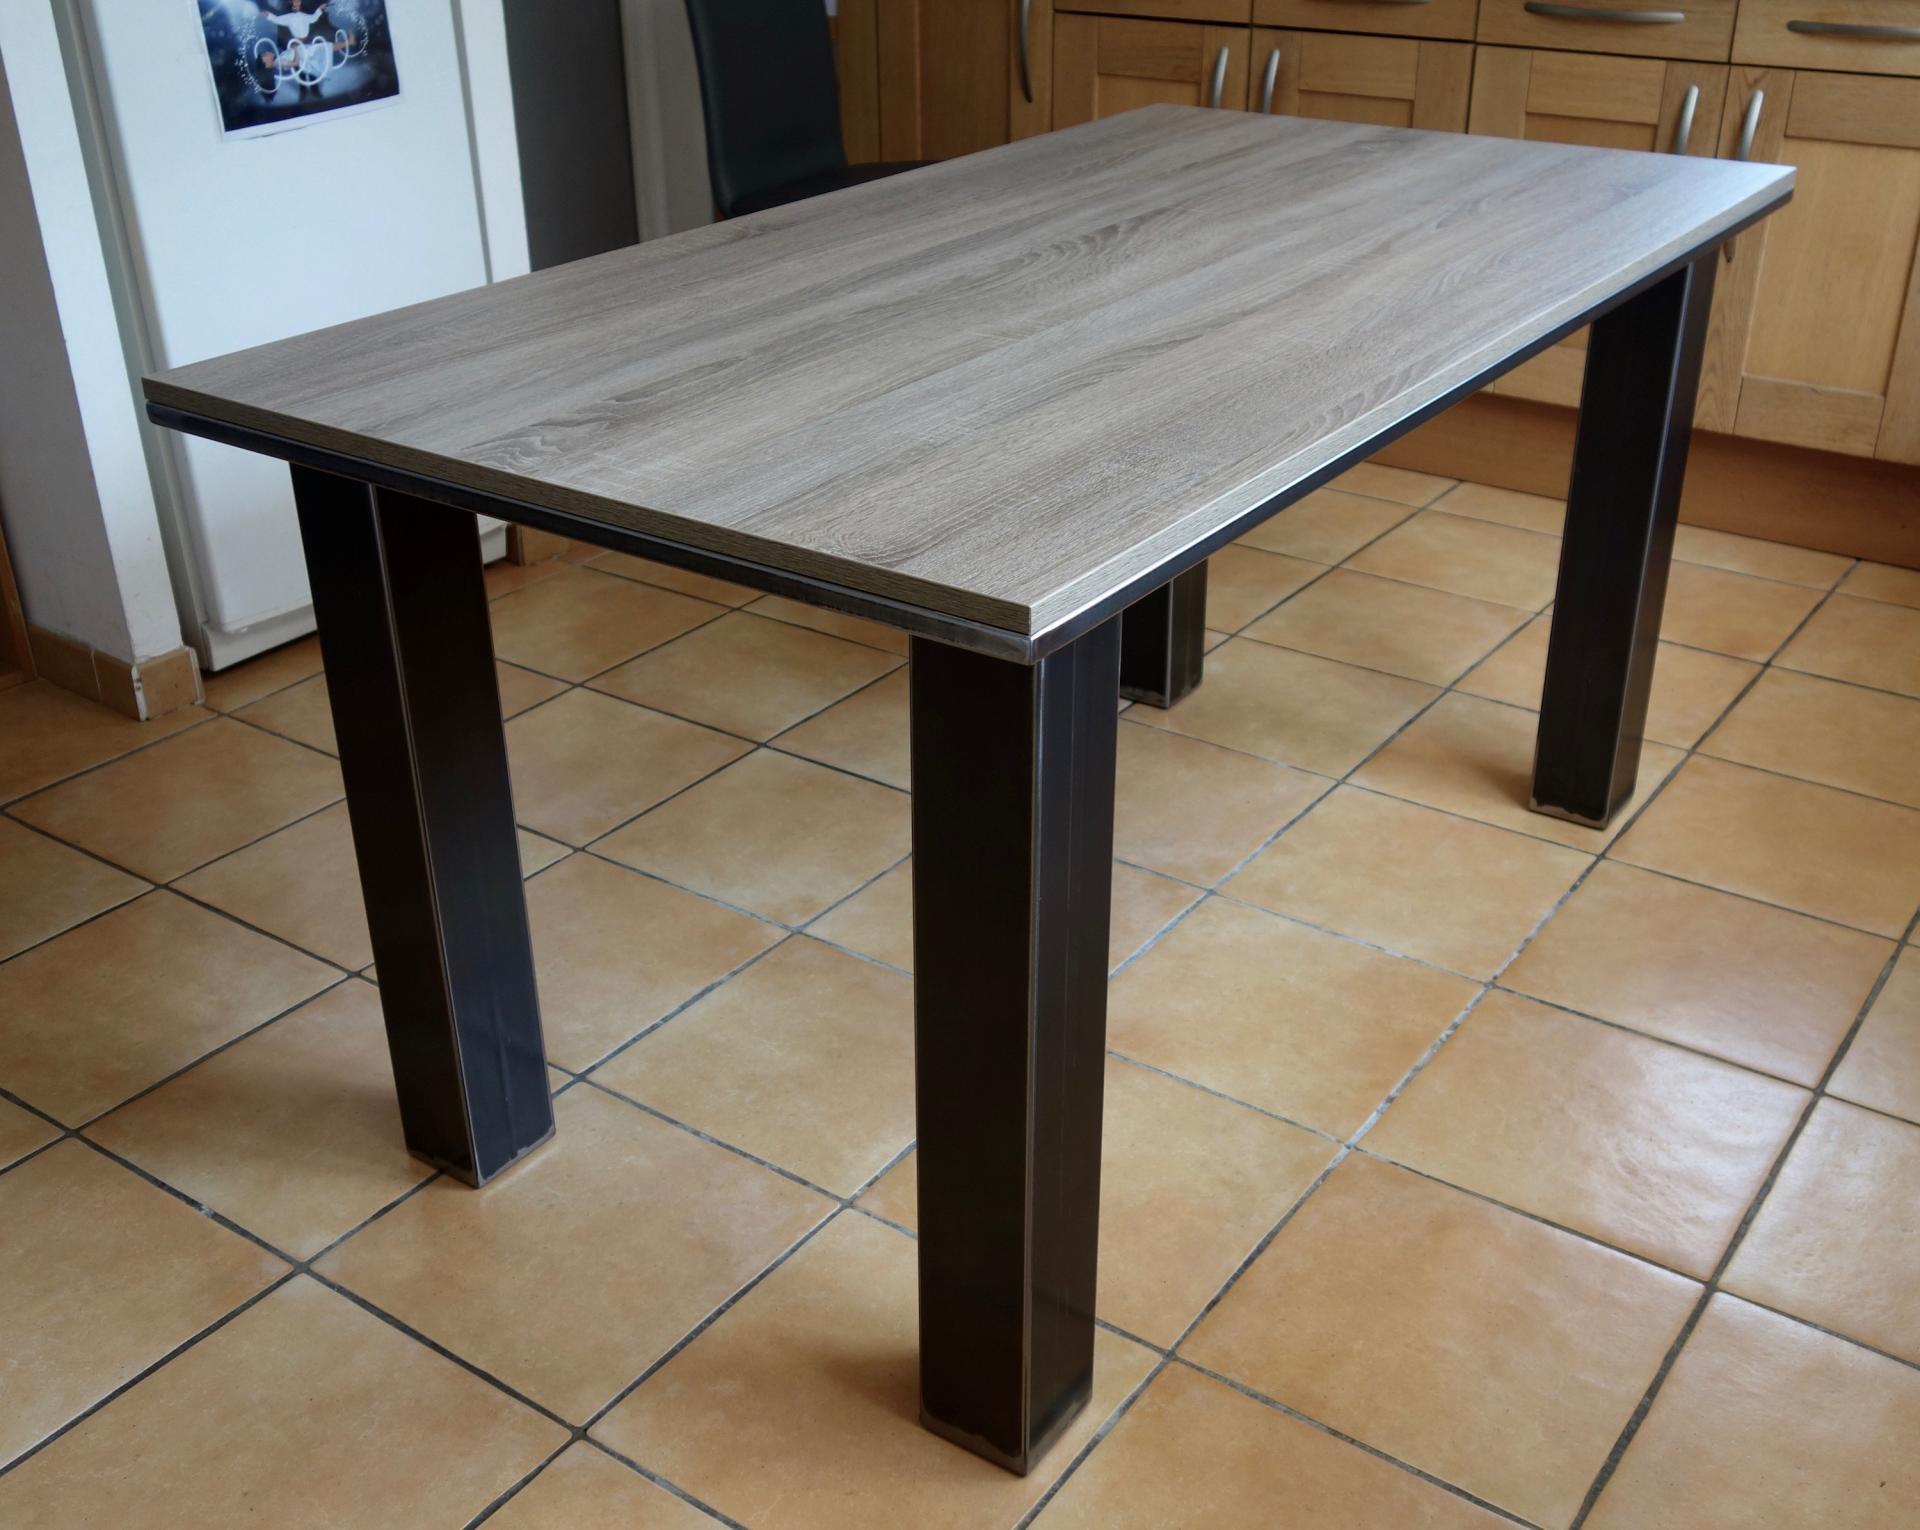 table haute 6 places trendy ilot central cuisine dimension une belle table haute pour personnes. Black Bedroom Furniture Sets. Home Design Ideas